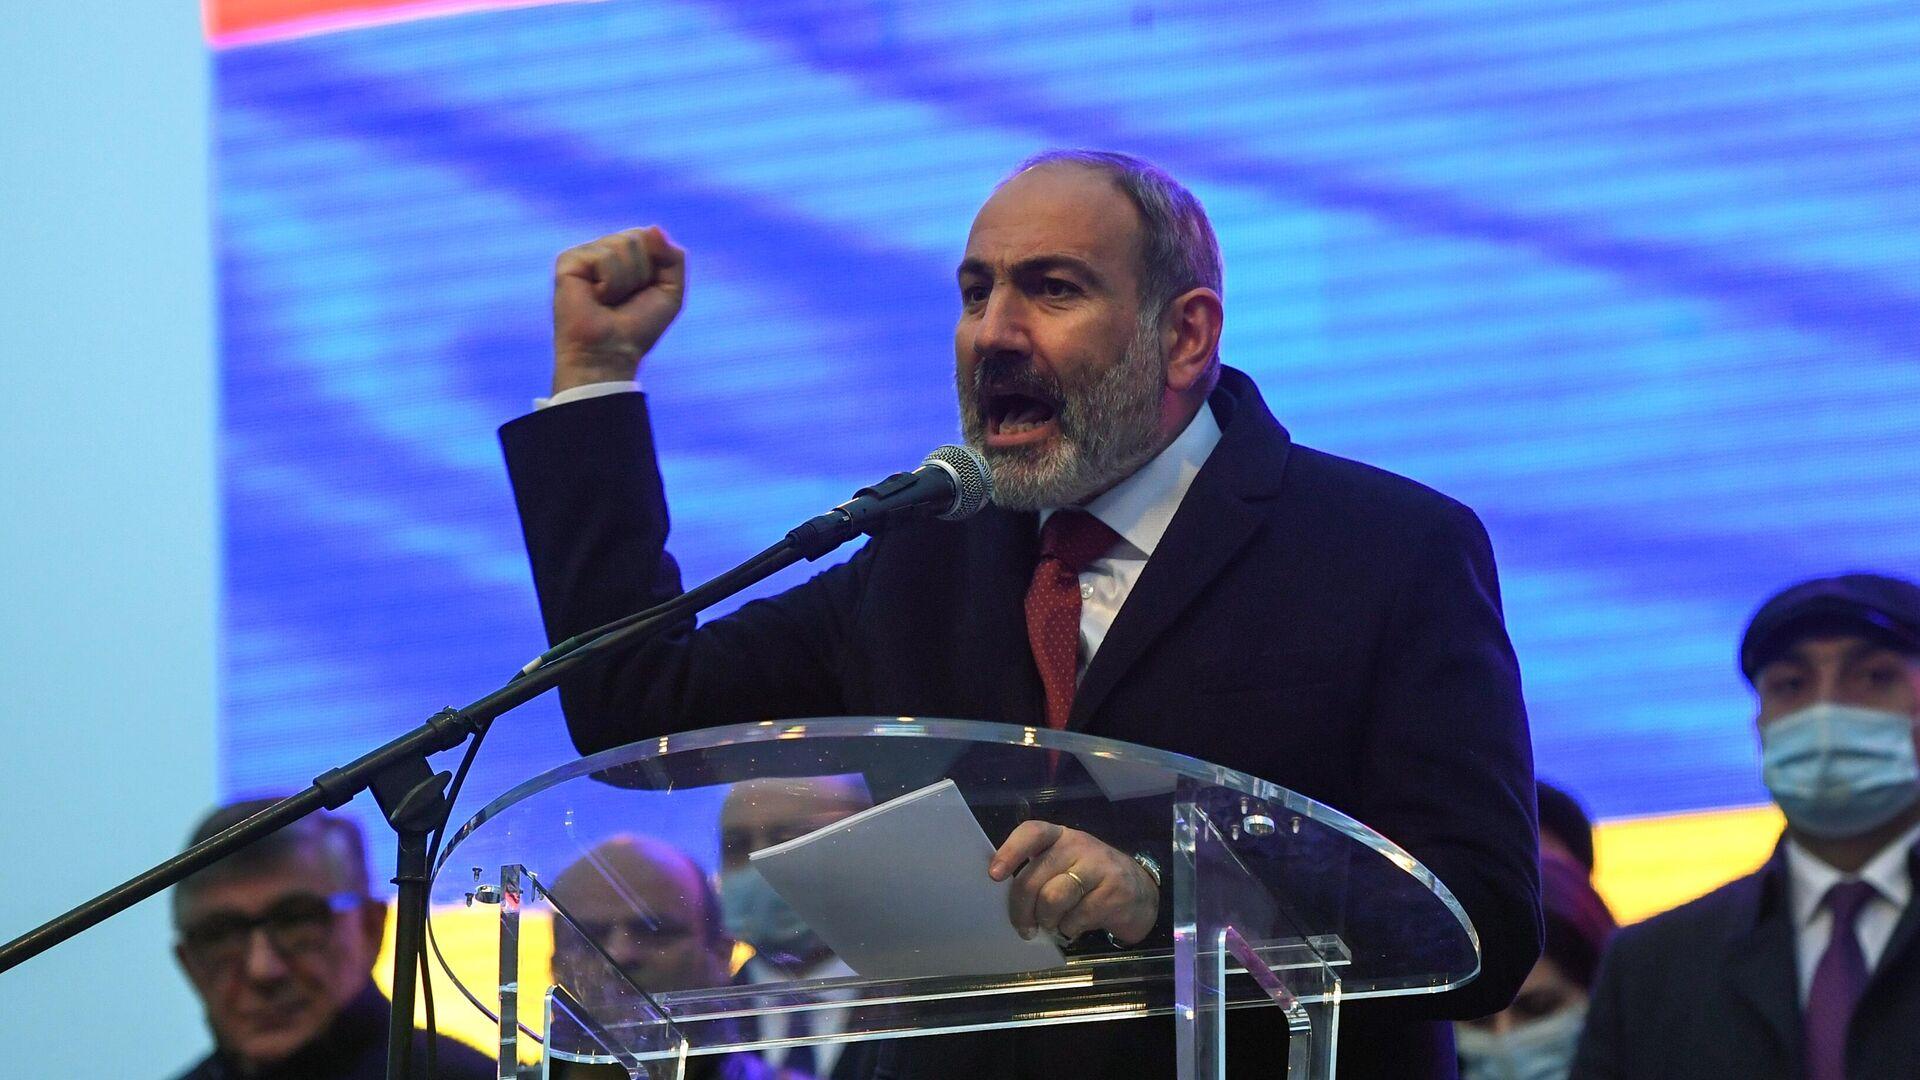 Премьер-министр Армении Никол Пашинян выступает перед своими сторонниками в Ереване  - РИА Новости, 1920, 08.06.2021